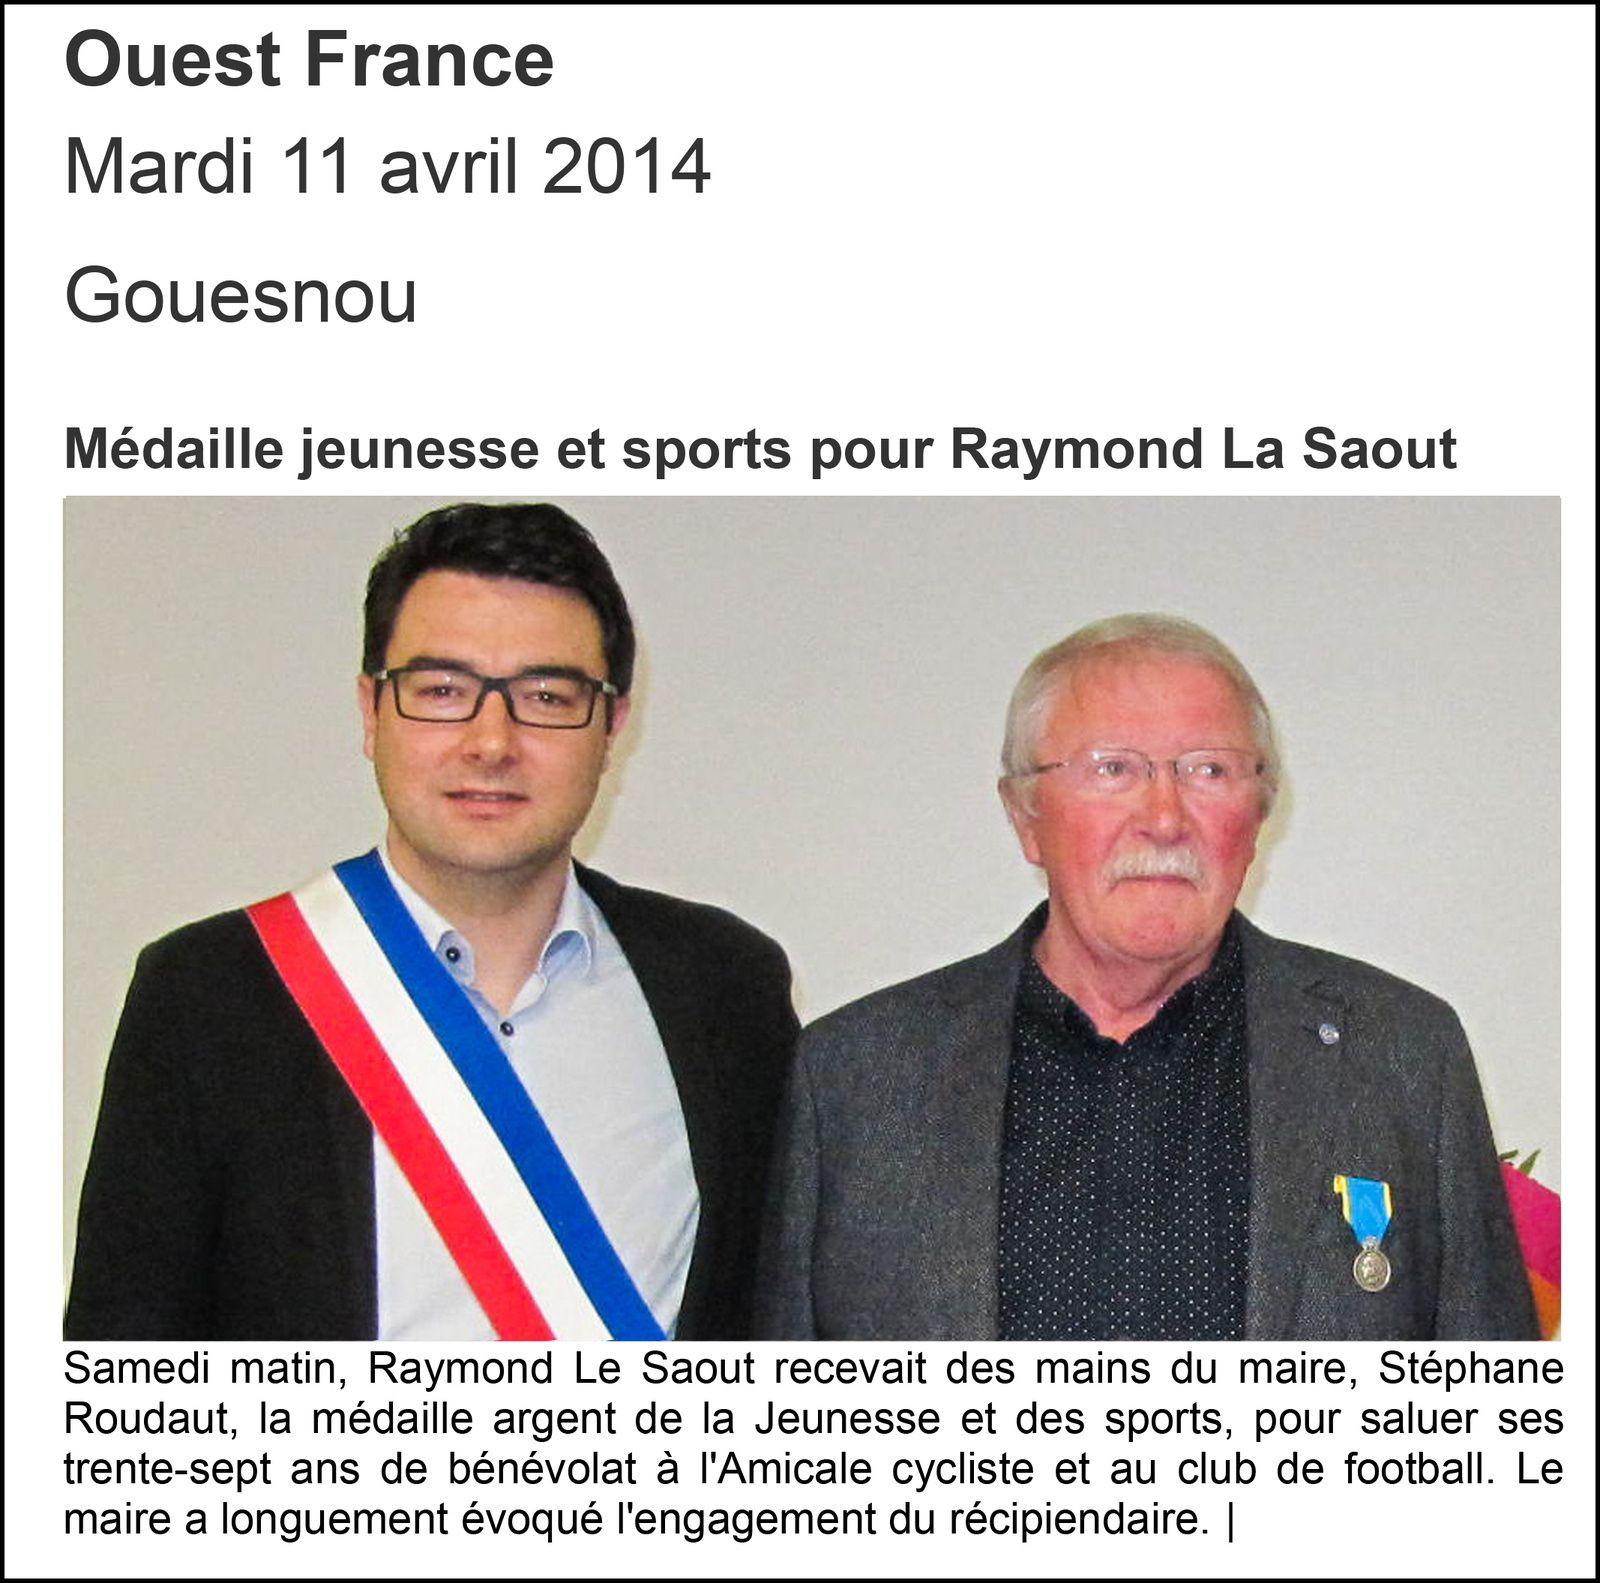 Raymond Le Saout - Président de l'Amicale cycliste de Gouesnou - médaillé d'argent JSEA